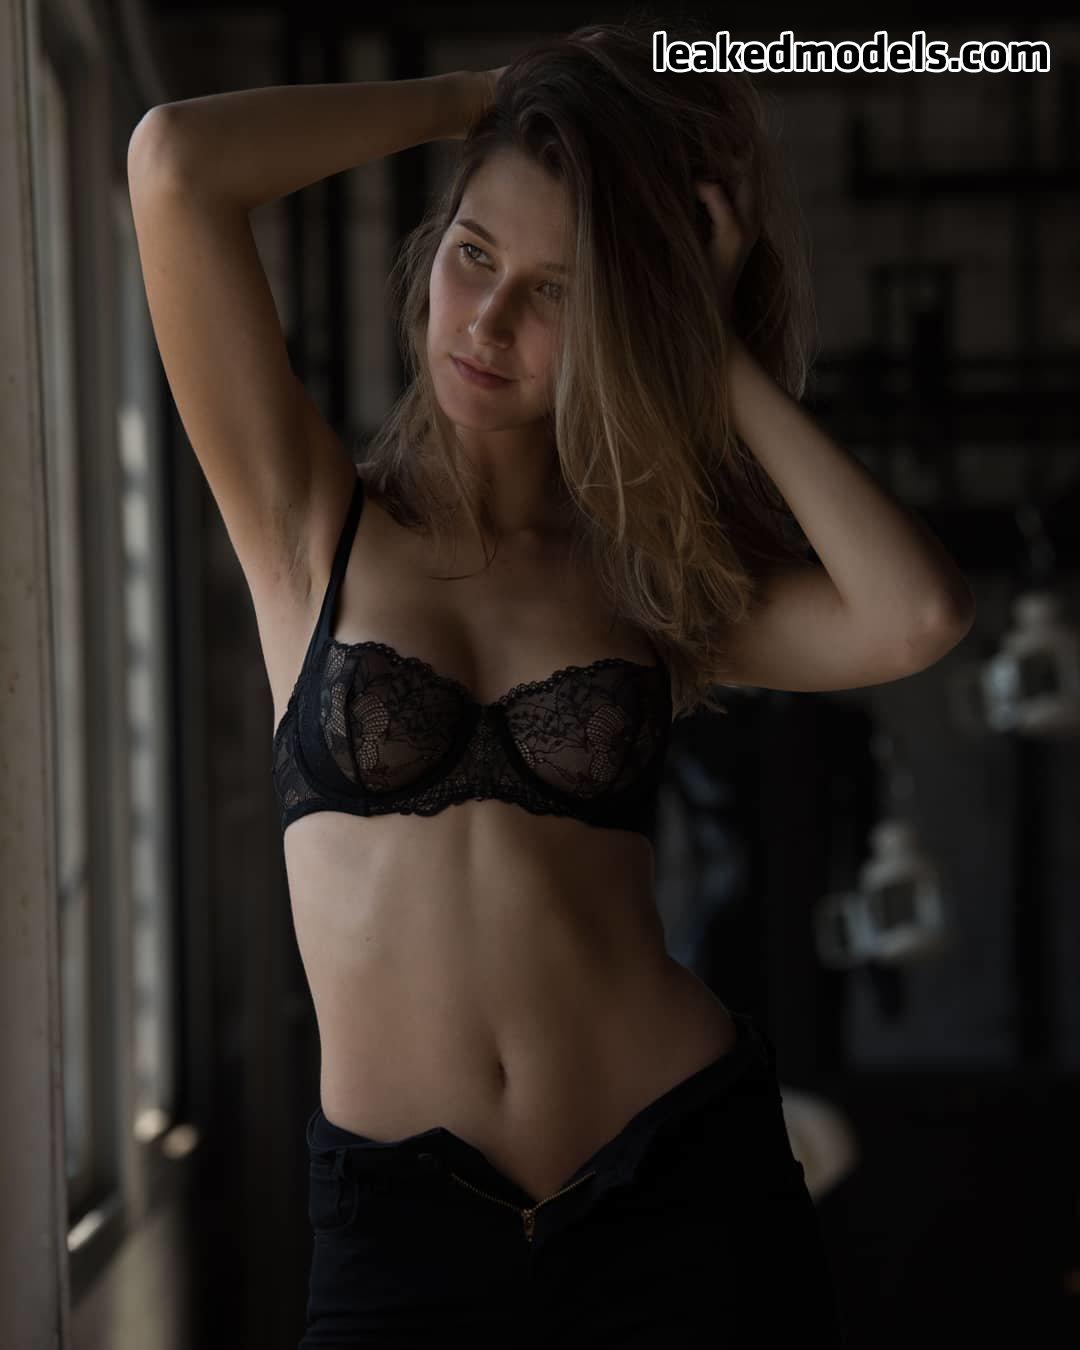 Elisa Fainblit – elisa_fain Instagram Nude Leaks (27 Photos)